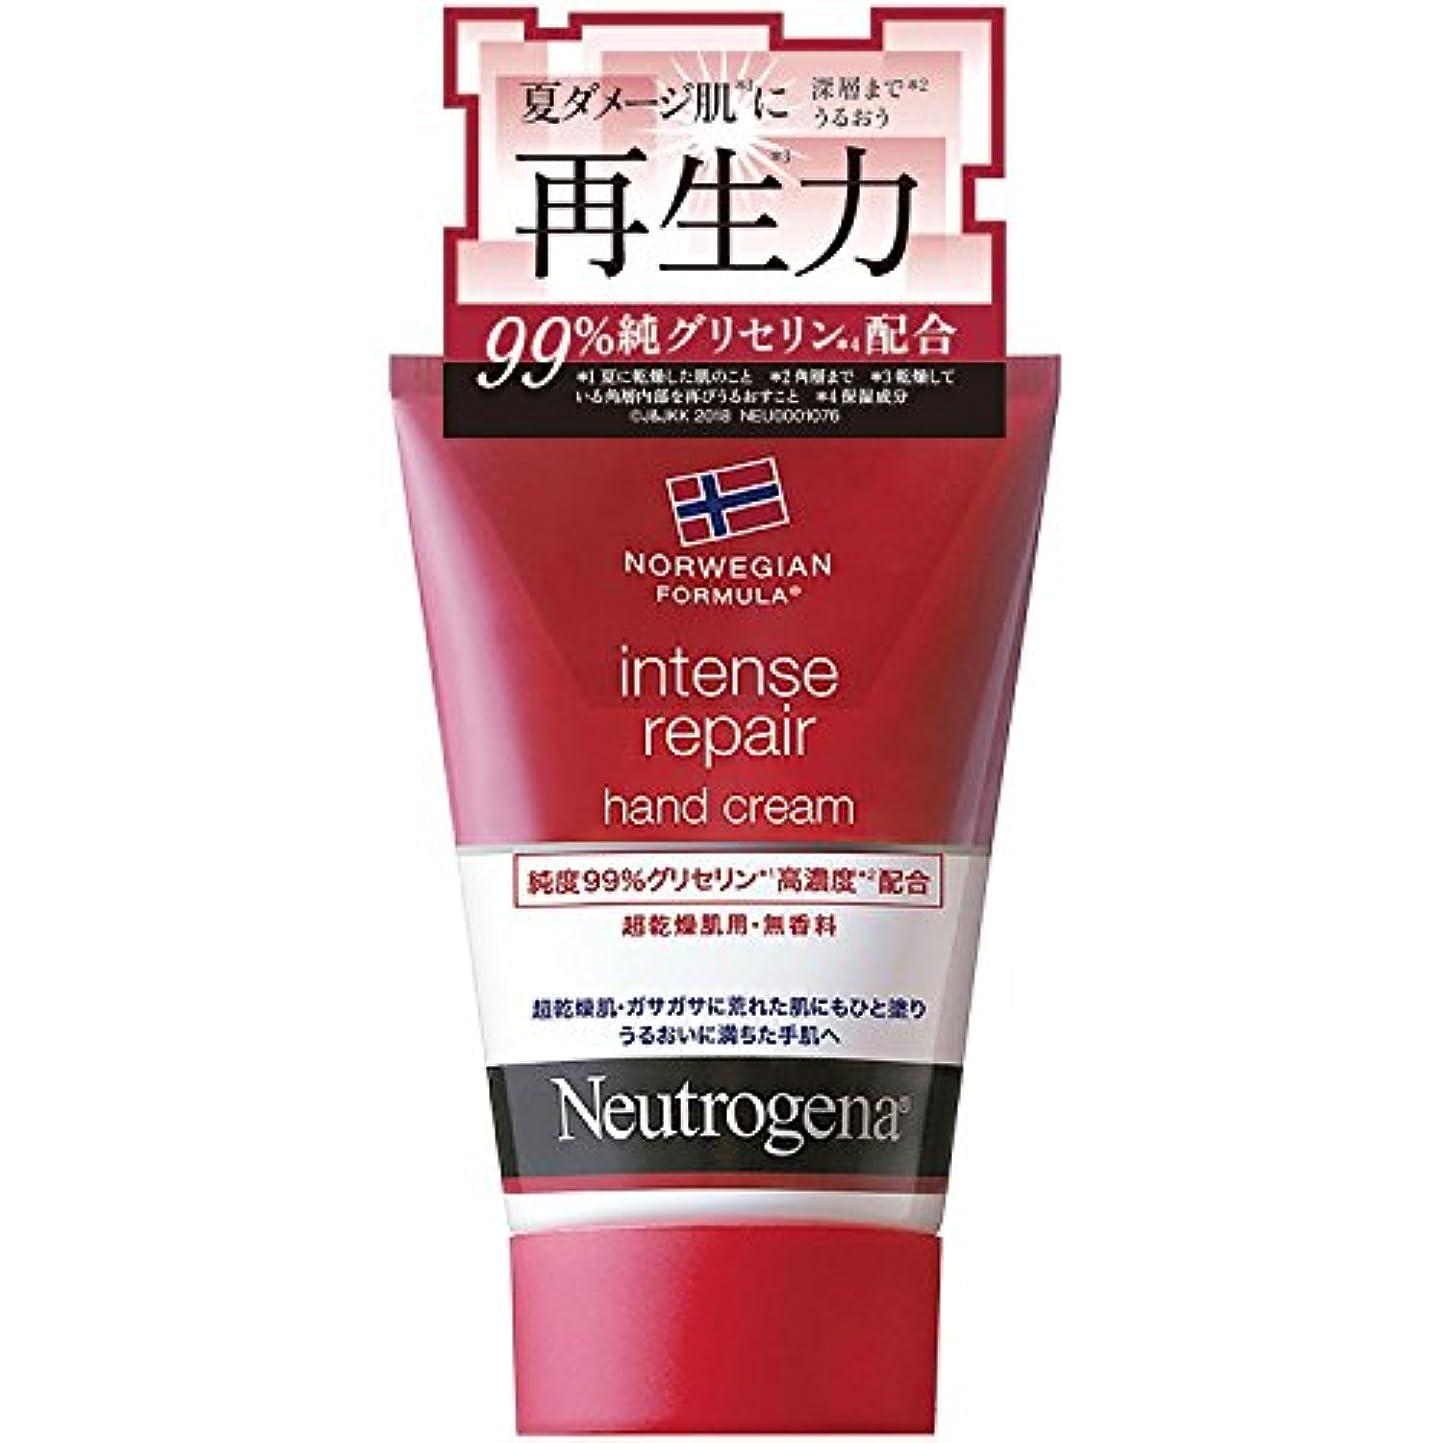 加速する速記不愉快Neutrogena(ニュートロジーナ) ノルウェーフォーミュラ インテンスリペア ハンドクリーム 超乾燥肌用 無香料 単品 50g